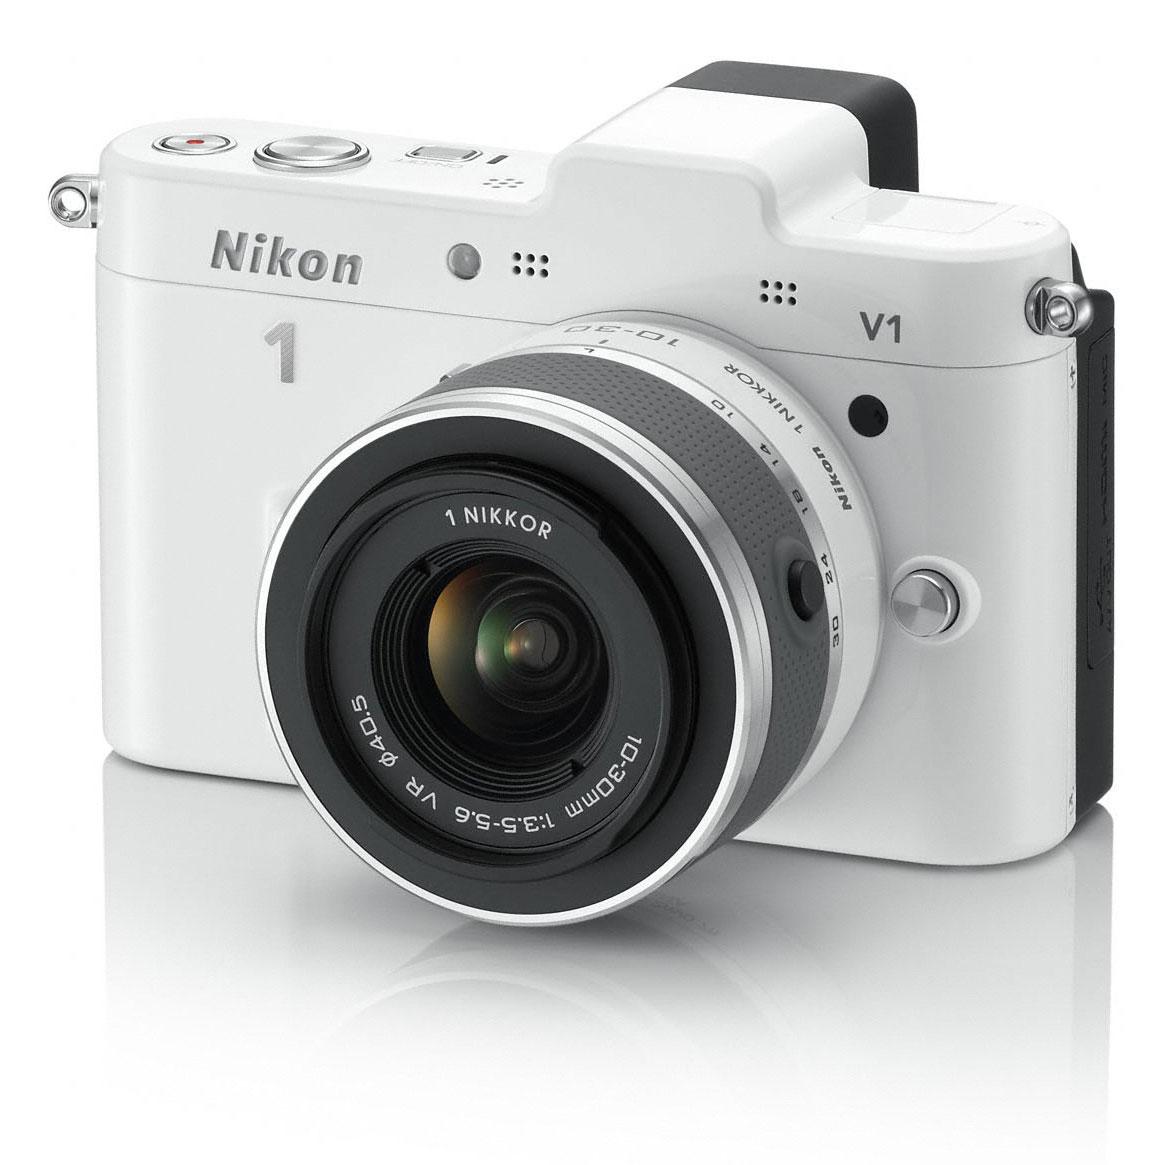 nikon 1 v1 blanc objectif 1 nikkor vr 10 30mm f 3 5 5 6 appareil photo hybride nikon sur. Black Bedroom Furniture Sets. Home Design Ideas